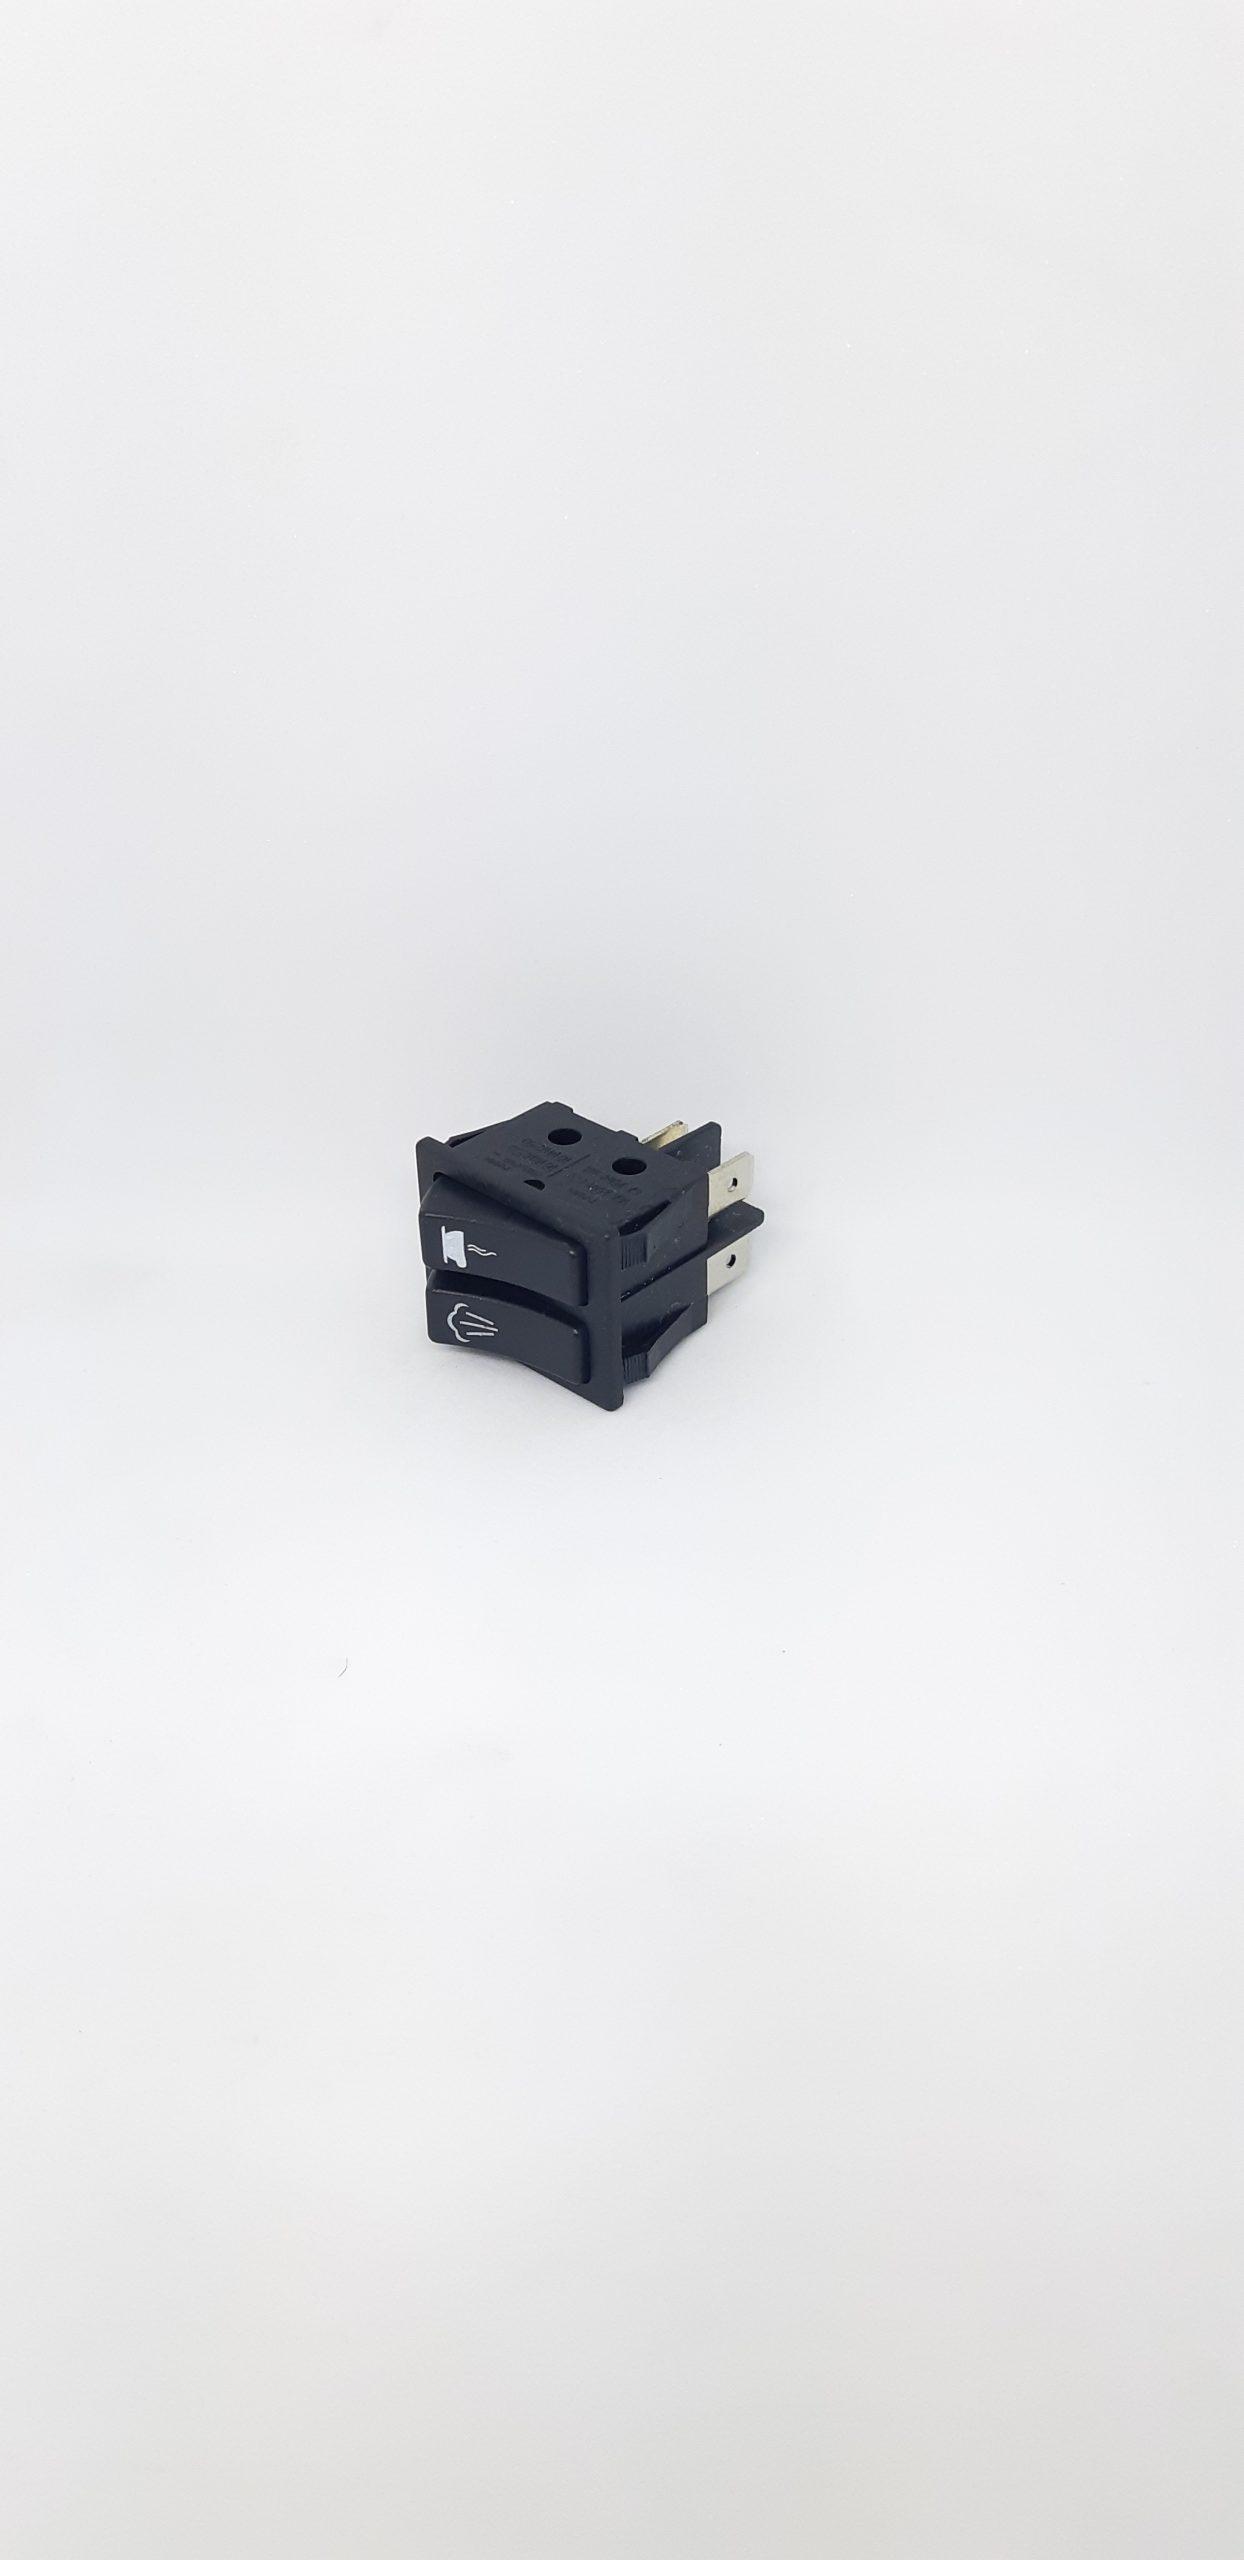 Ключ за кафе,пара LB800 - 060005